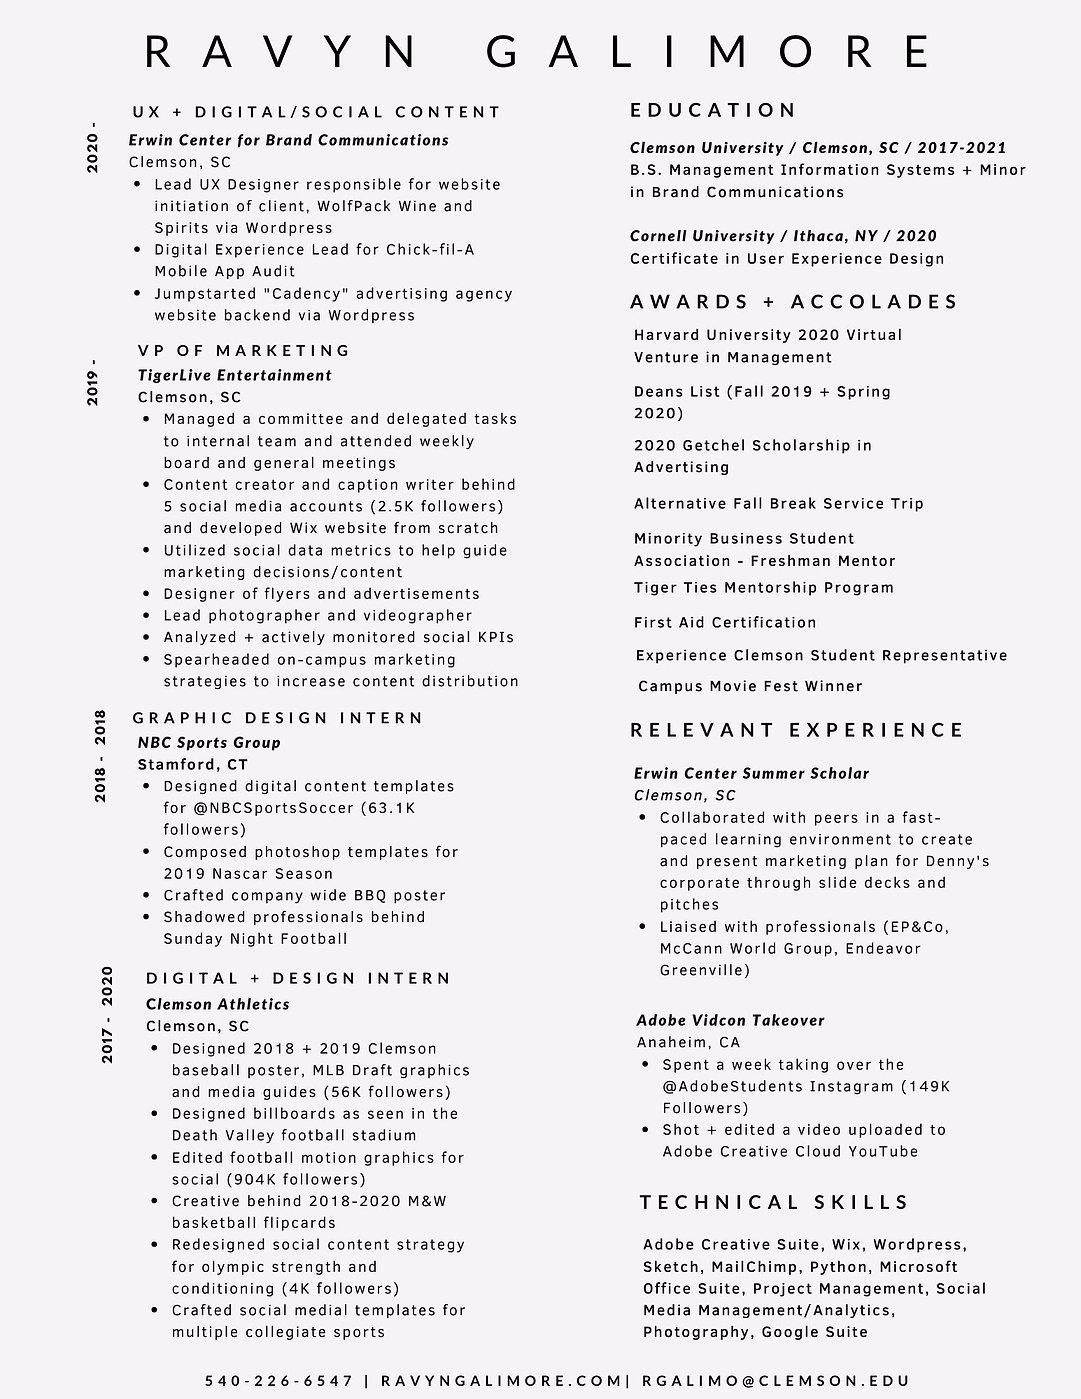 Copy of Ravyn's Resume (1).jpg